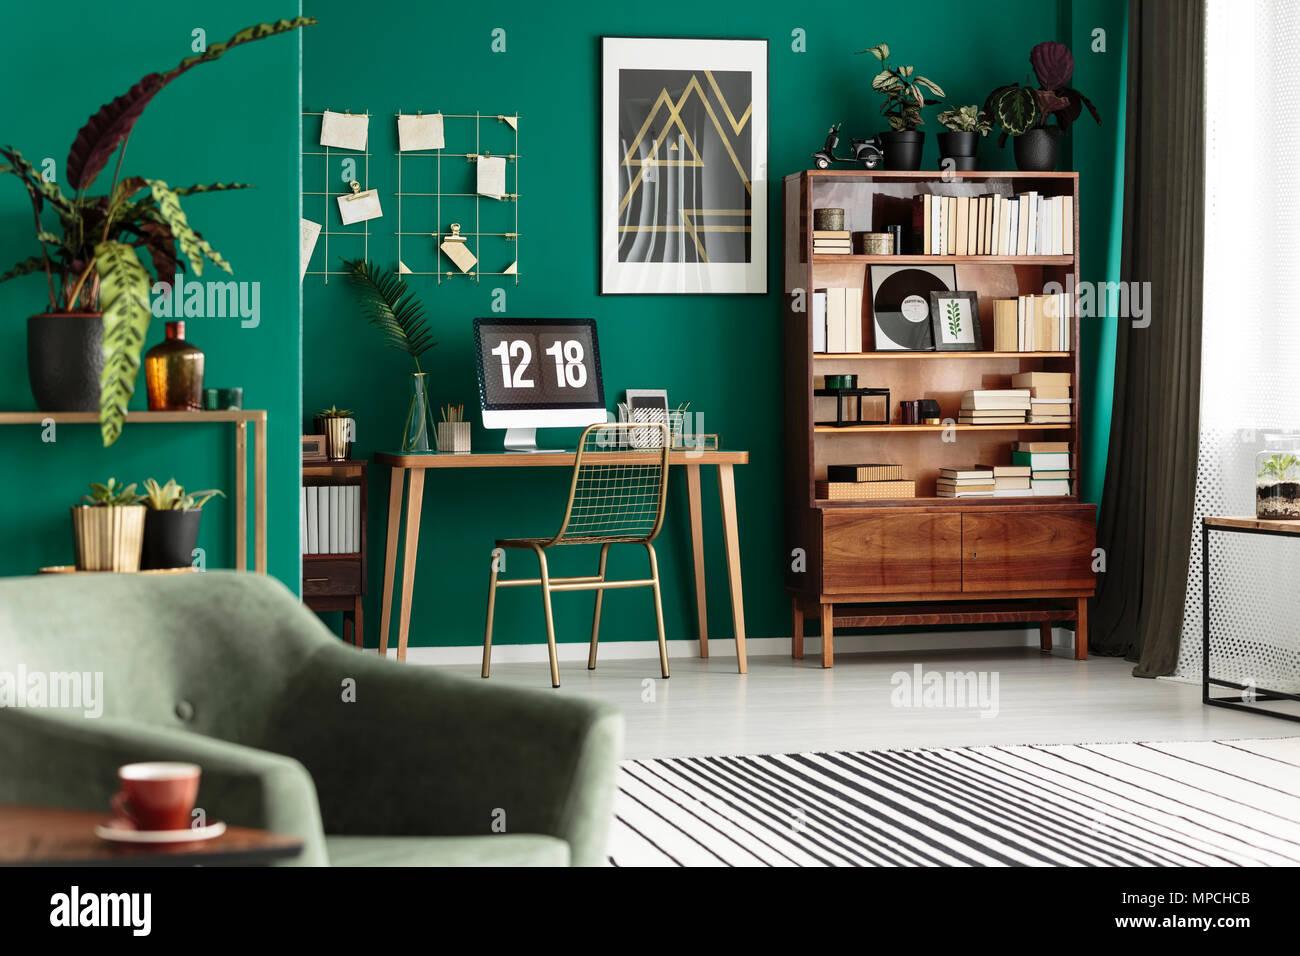 Président de l'or au bureau avec ordinateur de bureau en vert, appartement confortable avec intérieur poster Photo Stock